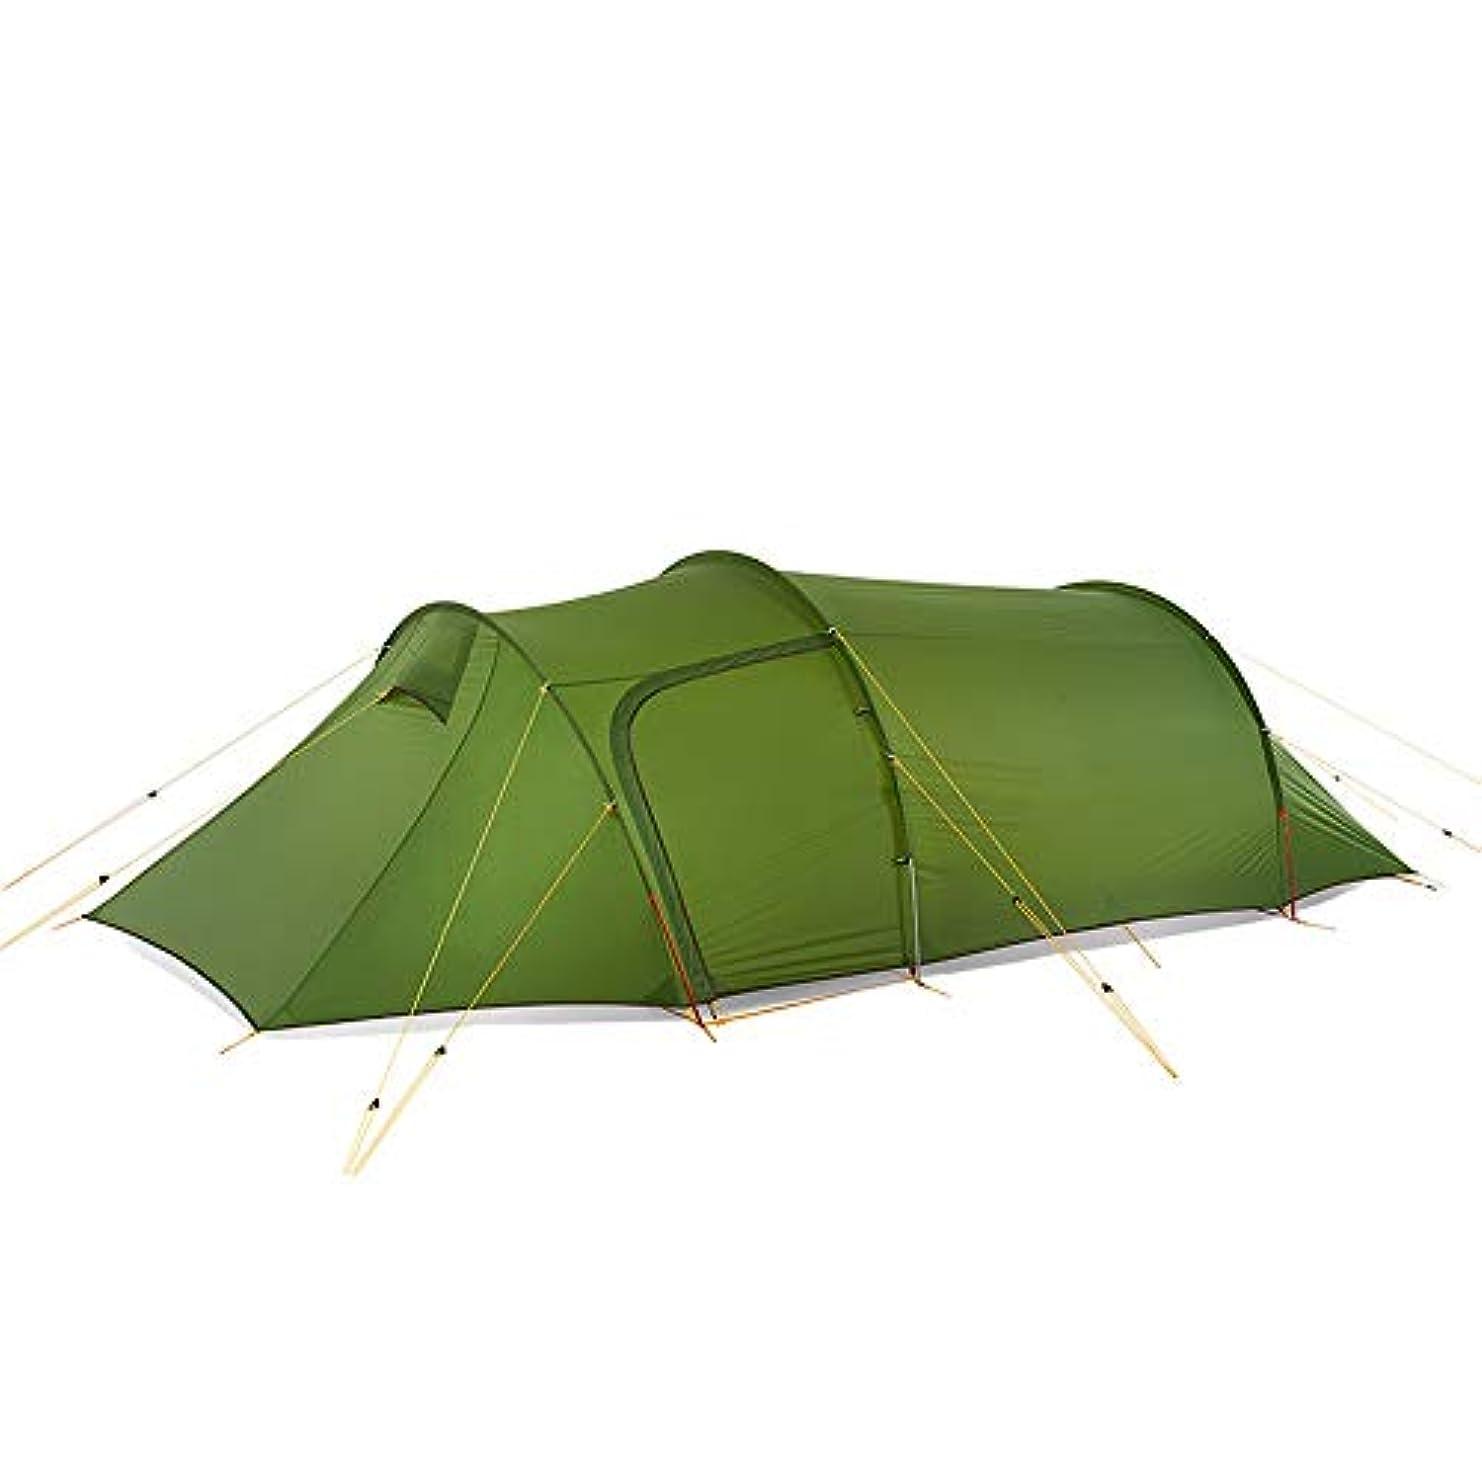 秀でる無条件こんにちはワンタッチテント登山用簡易テントキャンプポップアップUVカット通気性の高い防水防虫収納3?4人用ワンタッチテント (Color : グリーン(シリカゲル), Size : One Size)